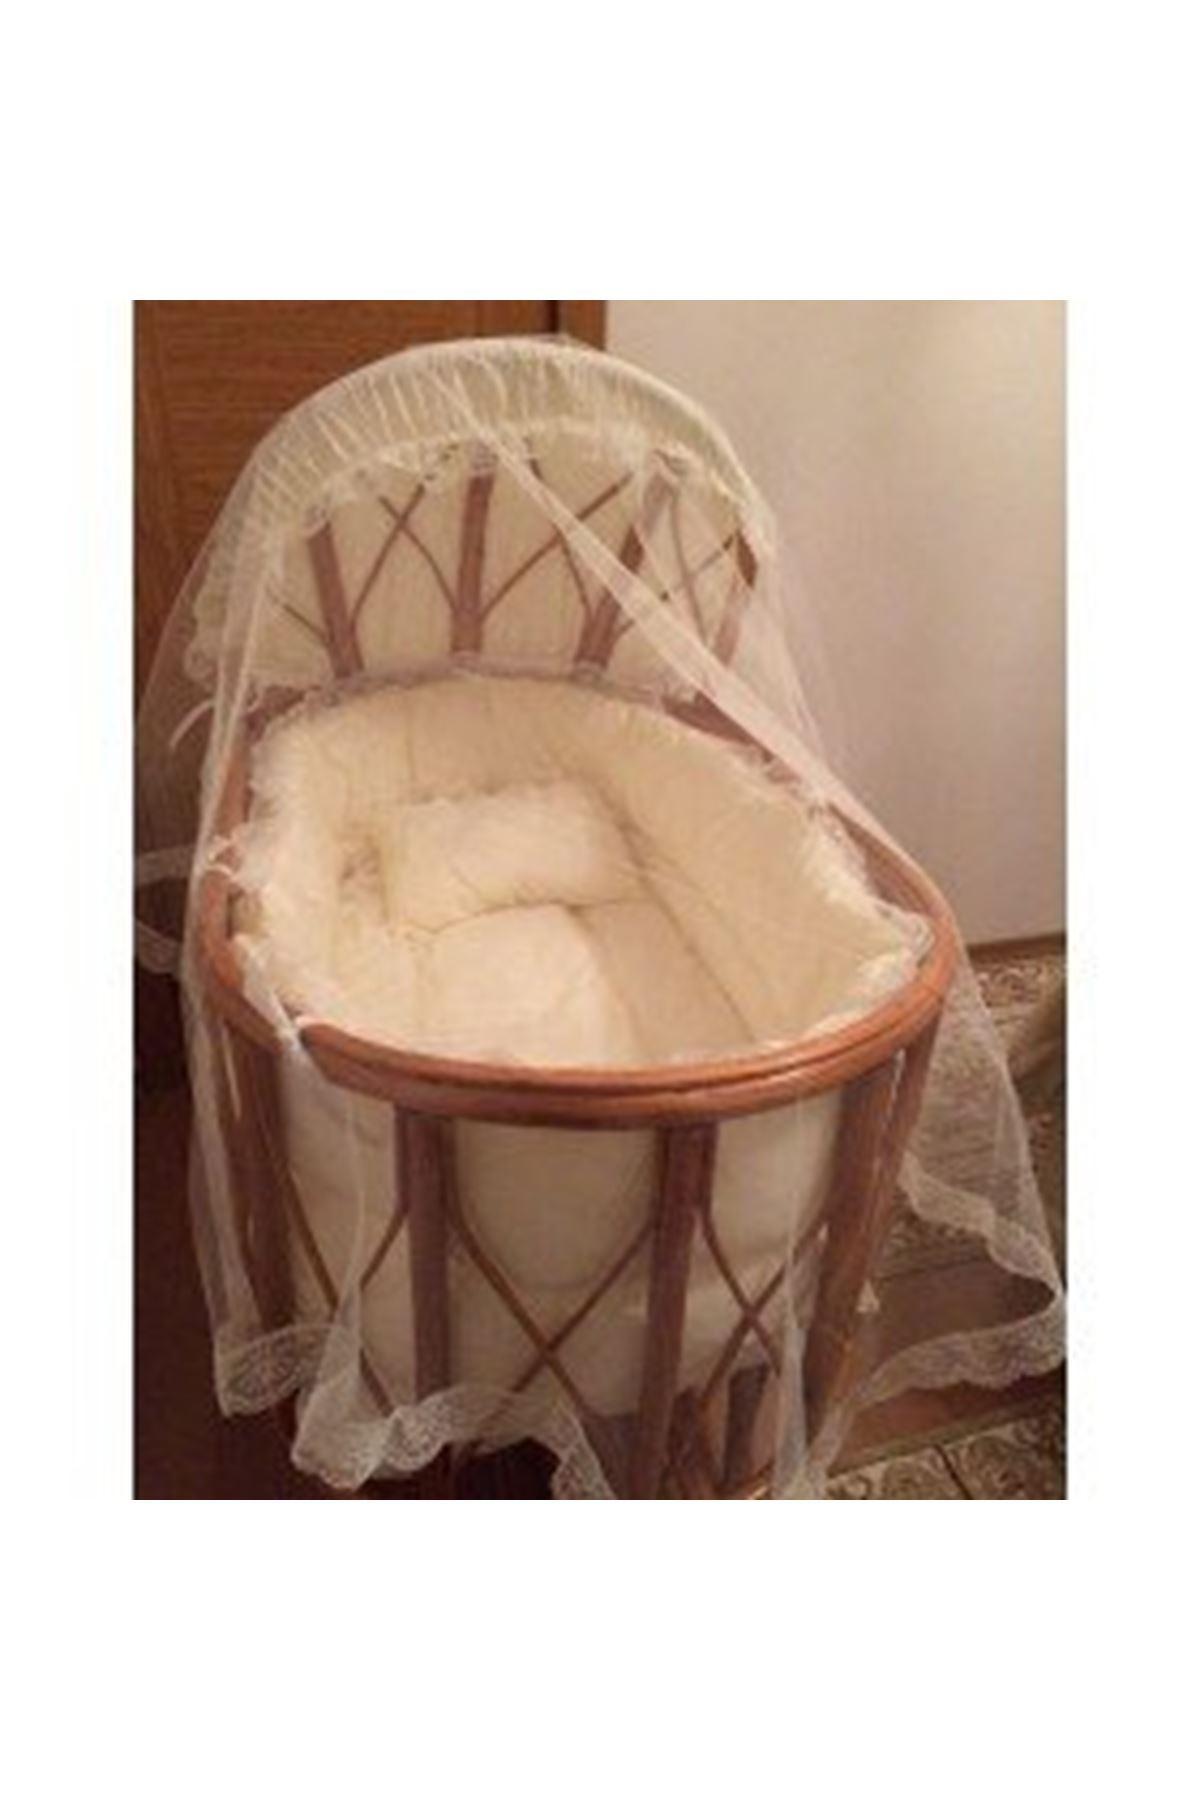 Bambu Sepet Beşikler İçin Krem Fransız Dantelli Bebek Uyku Seti